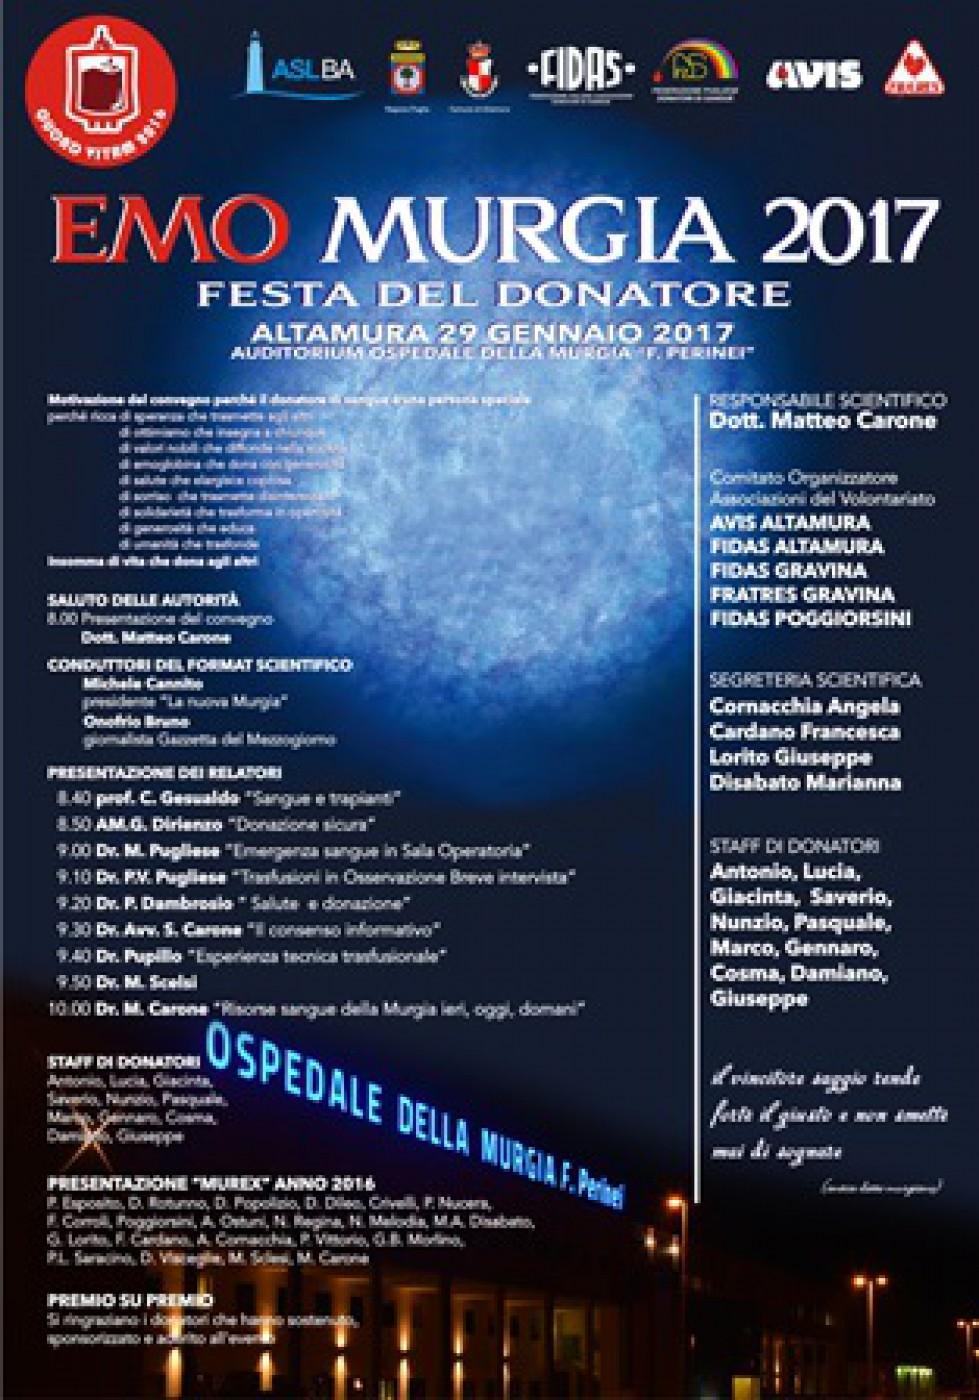 EMOMURGIA 2017 - AVIS ALTAMURA